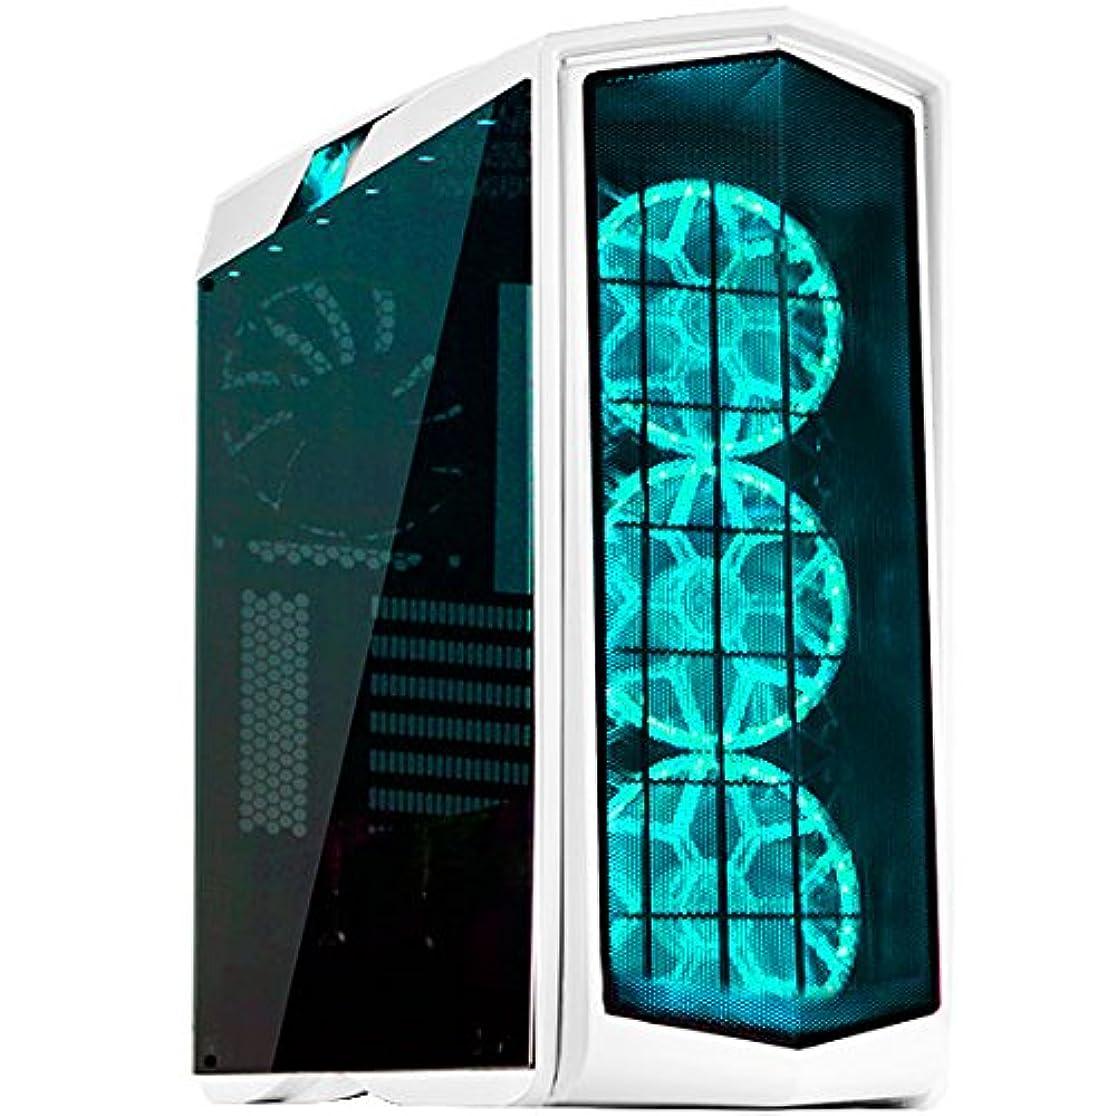 染料電子レンジポイントSilverStone PRIMERAシリーズ 内蔵140mm RGB LEDファンガード付属 SST-PM01W-RGB(ホワイトボディー、RGB LED +強化ガラス製ウィンドウ)